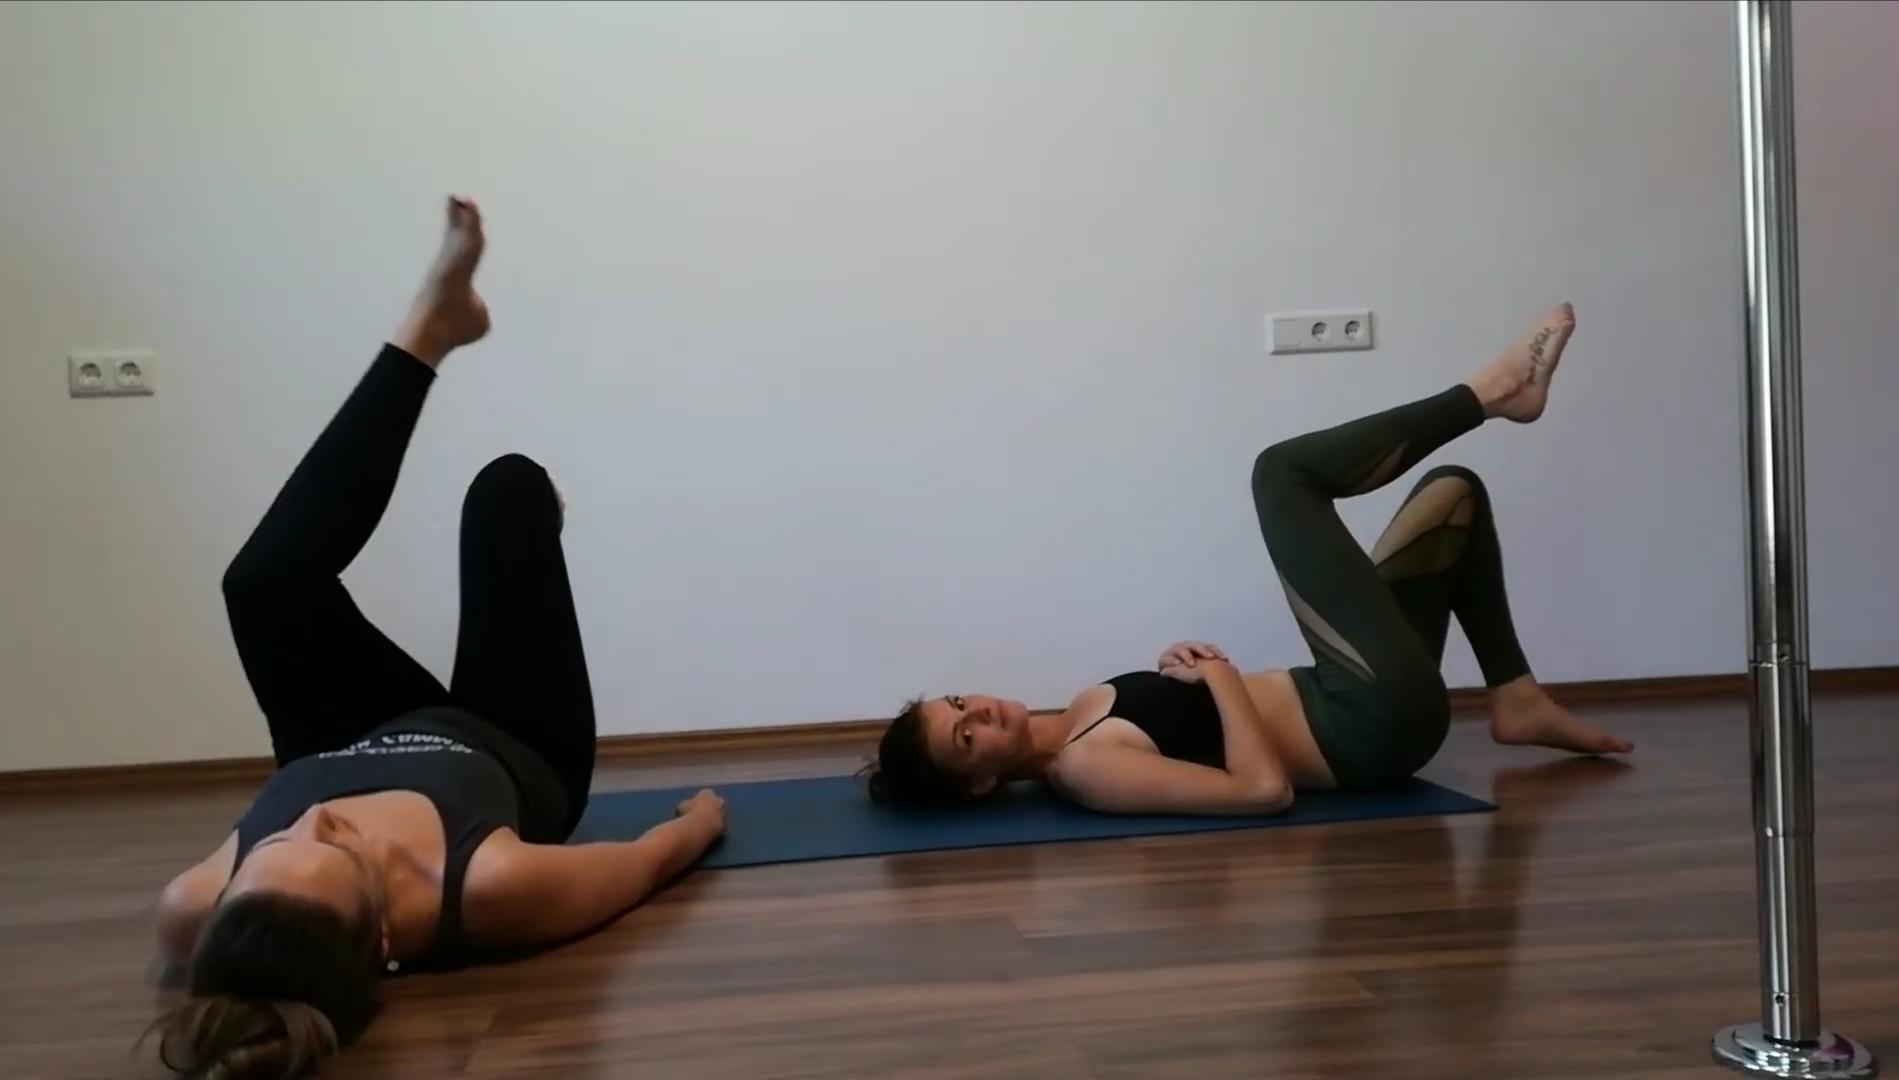 Hüft- und Rückenschmerzen